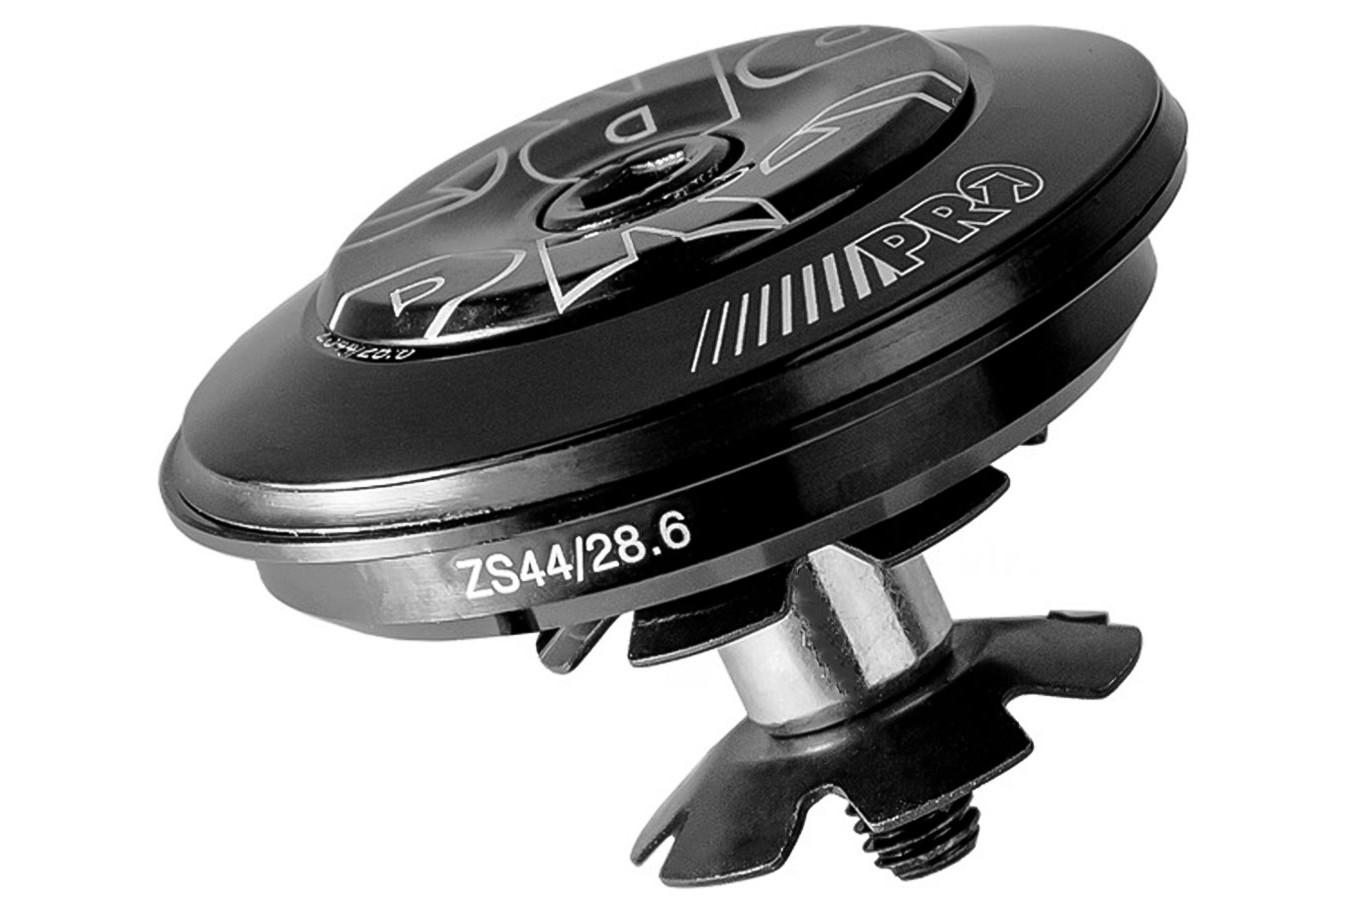 Movimento Direção AHS ZS44/28,6 com Rolamento Interno Selado - Shimano Pro